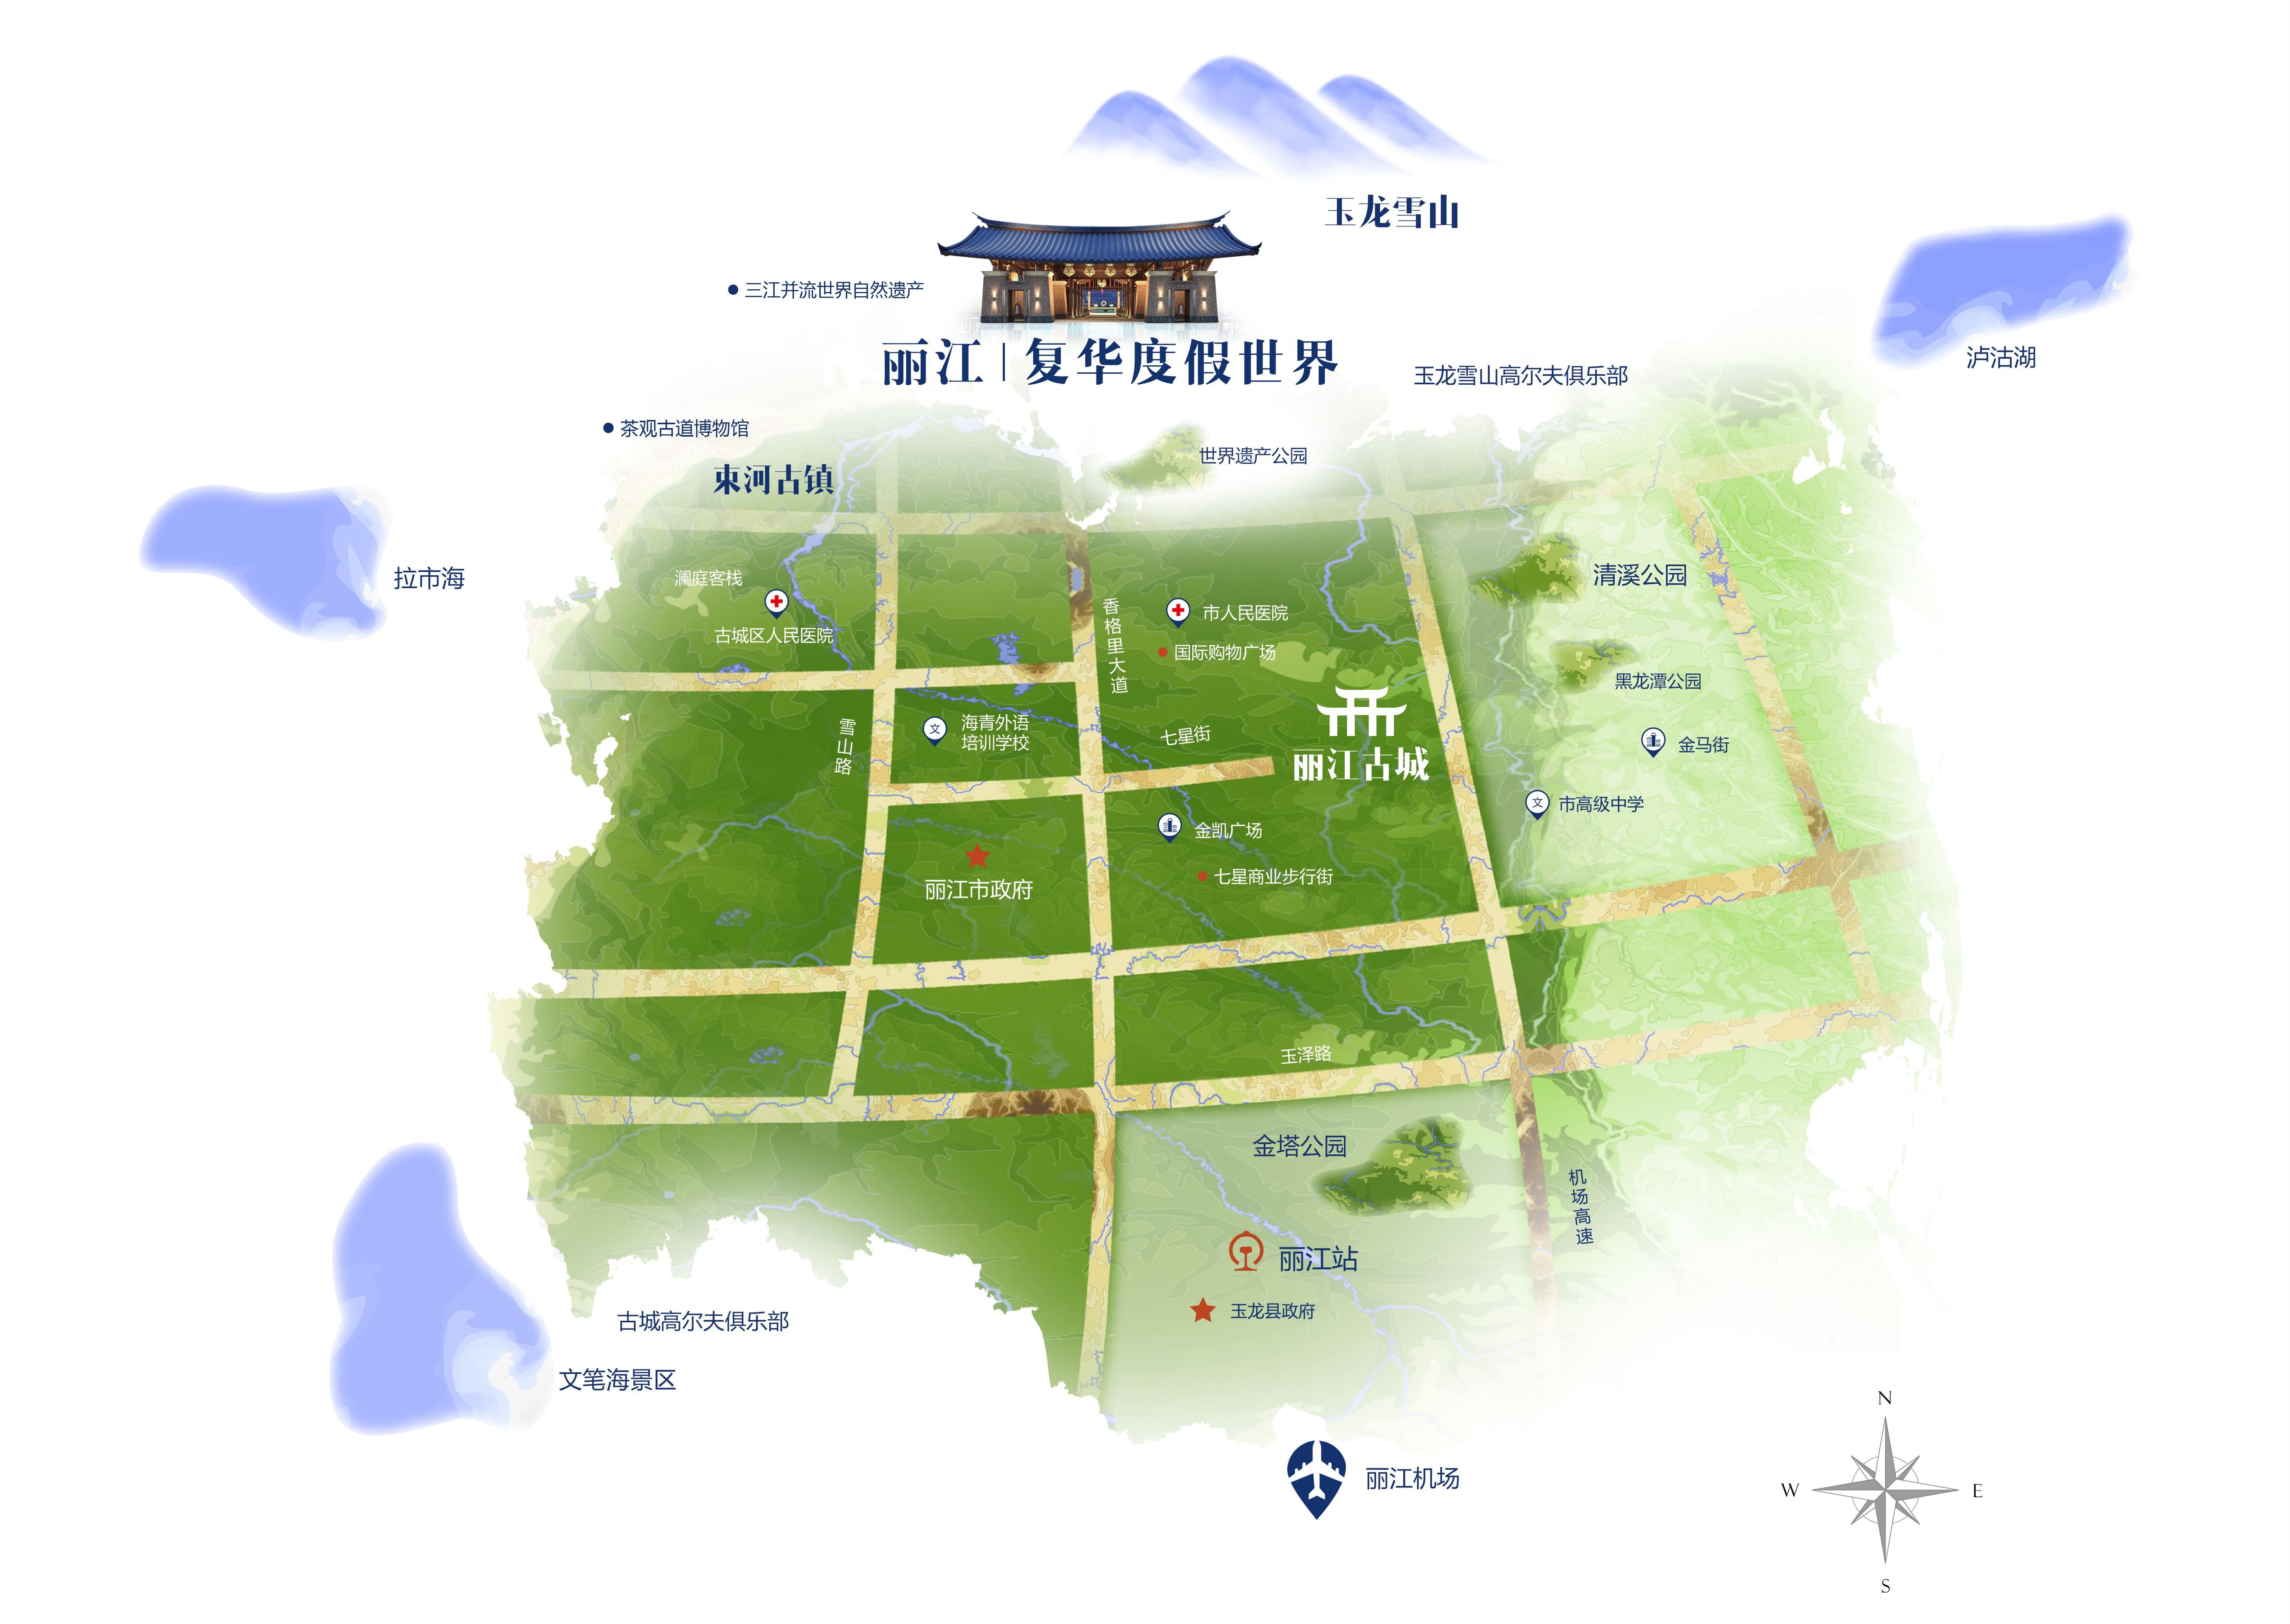 丽江复华国际度假世界盛世启幕,中国文旅产业全新标杆完美首秀